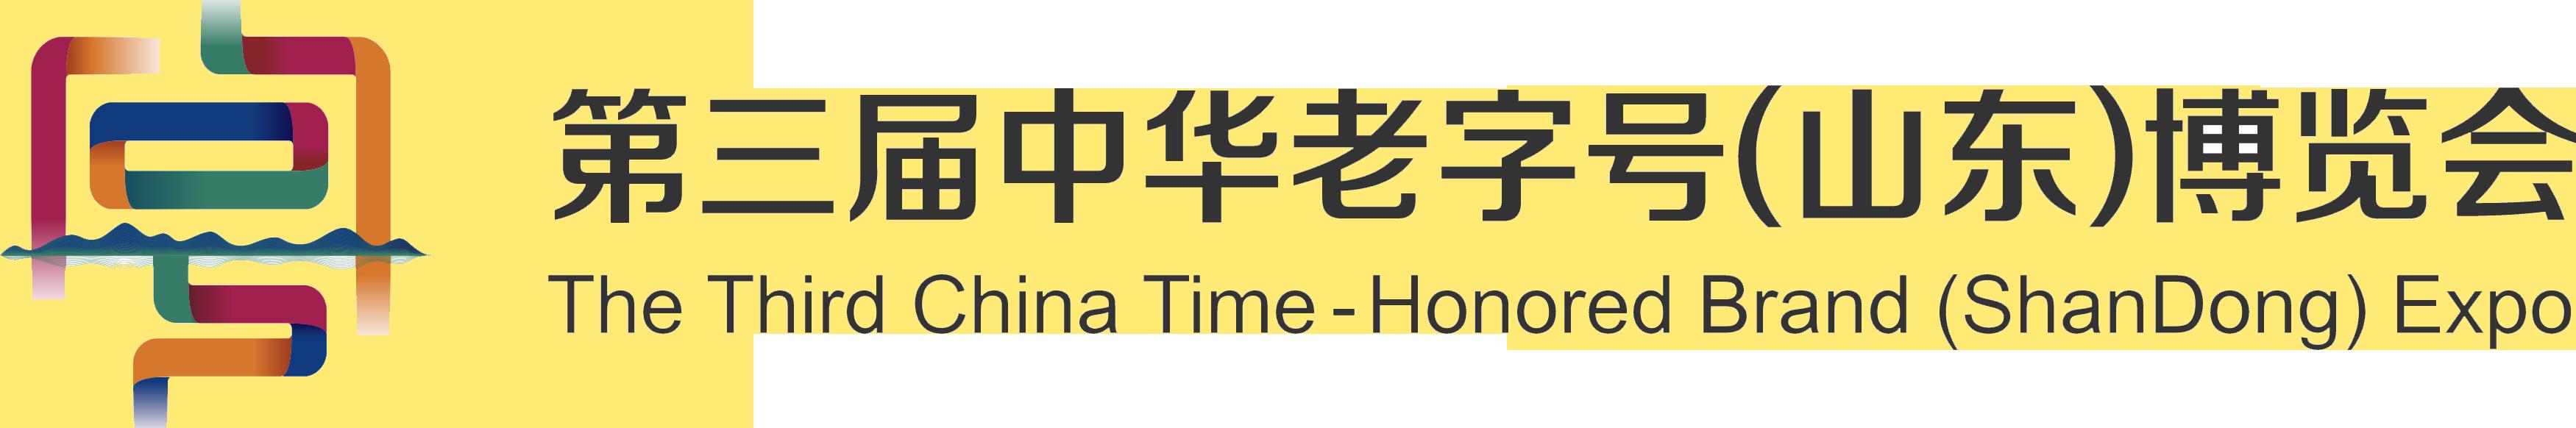 中华老字号博览会官方网站-2019第三届中华老字号(山东)博览会